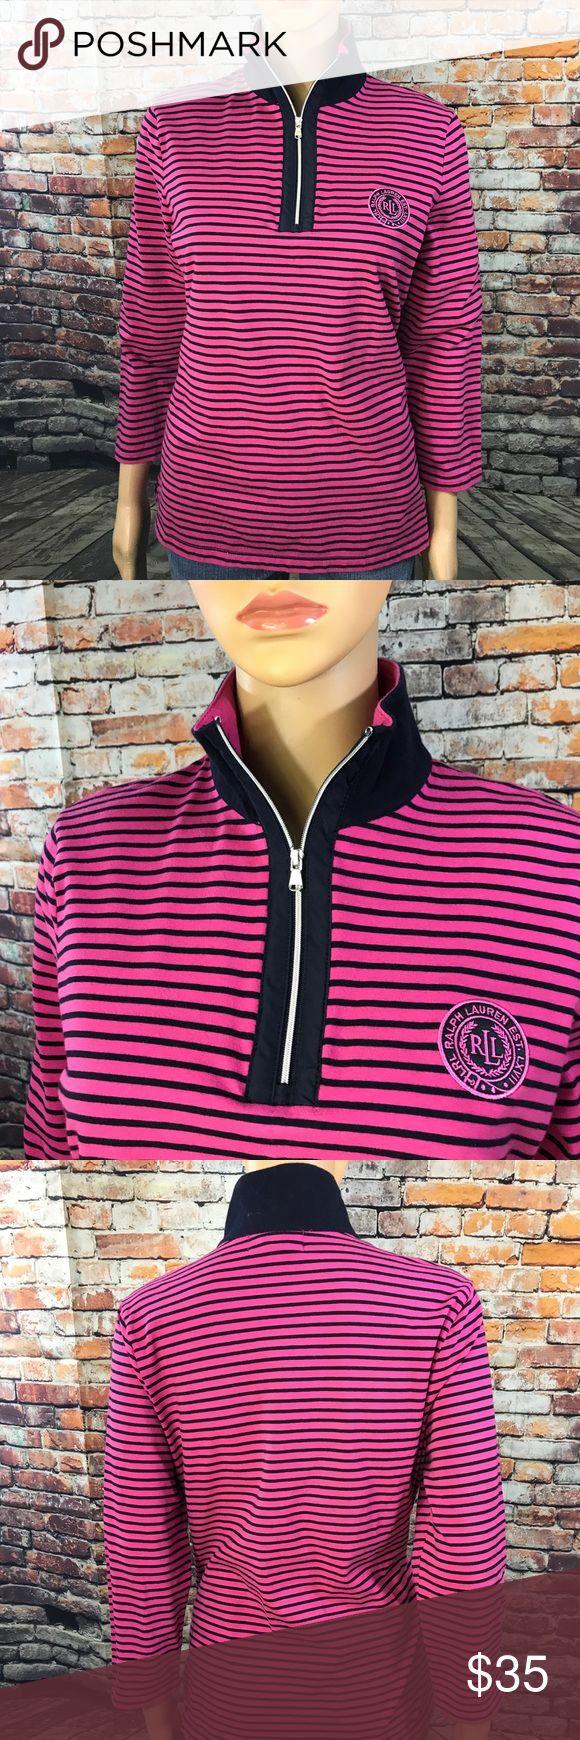 Striped Ralph Lauren Active Top  Striped Ralph Lauren Active Top 95% Cotton 5% Elastane Ralph Lauren Tops Sweatshirts & Hoodies